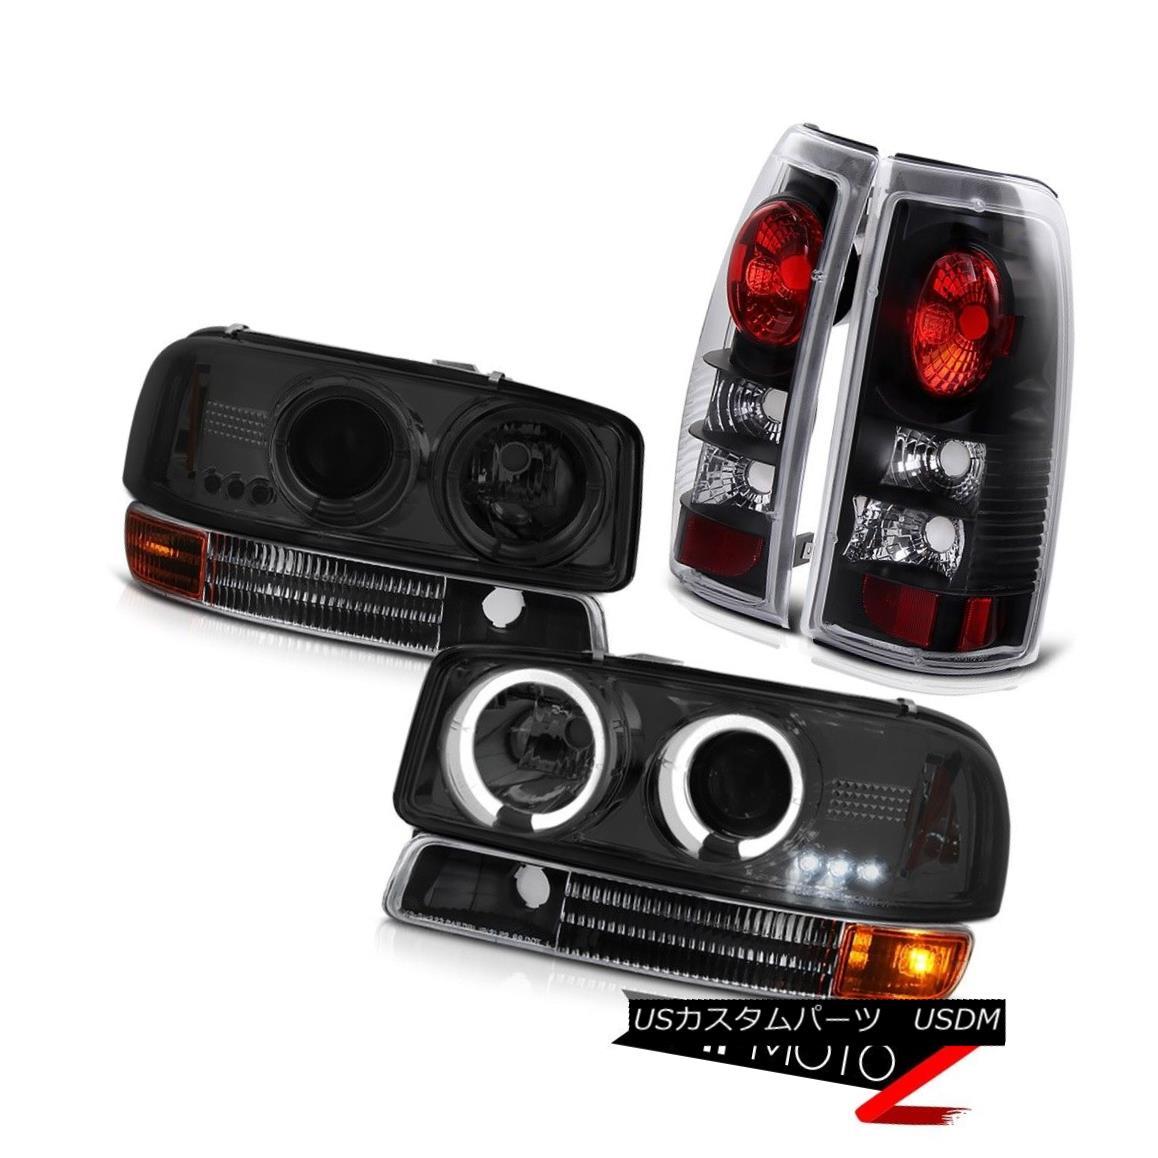 テールライト 1999-2003 Sierra 1500 Projector Headlights Smoke Black Bumper Tail Brake Lights 1999-2003 Sierra 1500プロジェクターヘッドライトスモークブラックバンパーテールブレーキライト